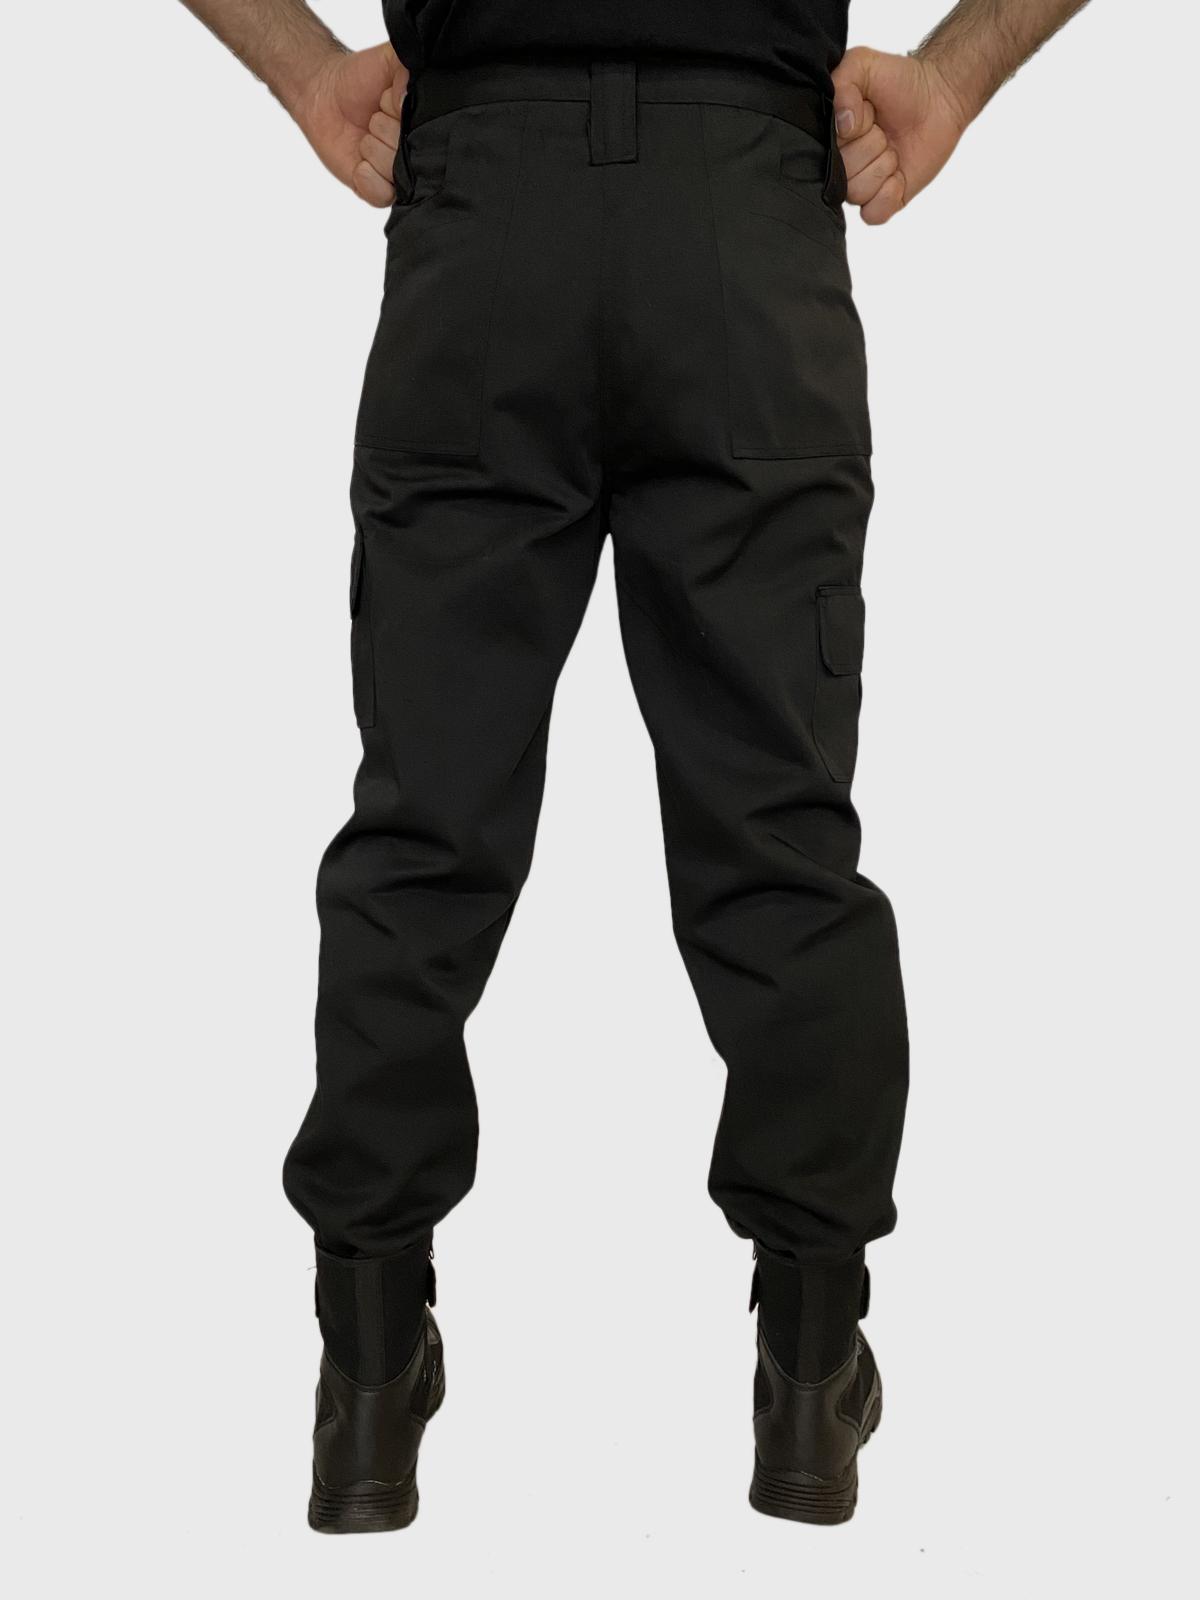 Тактические милитари брюки для парней и мужчин